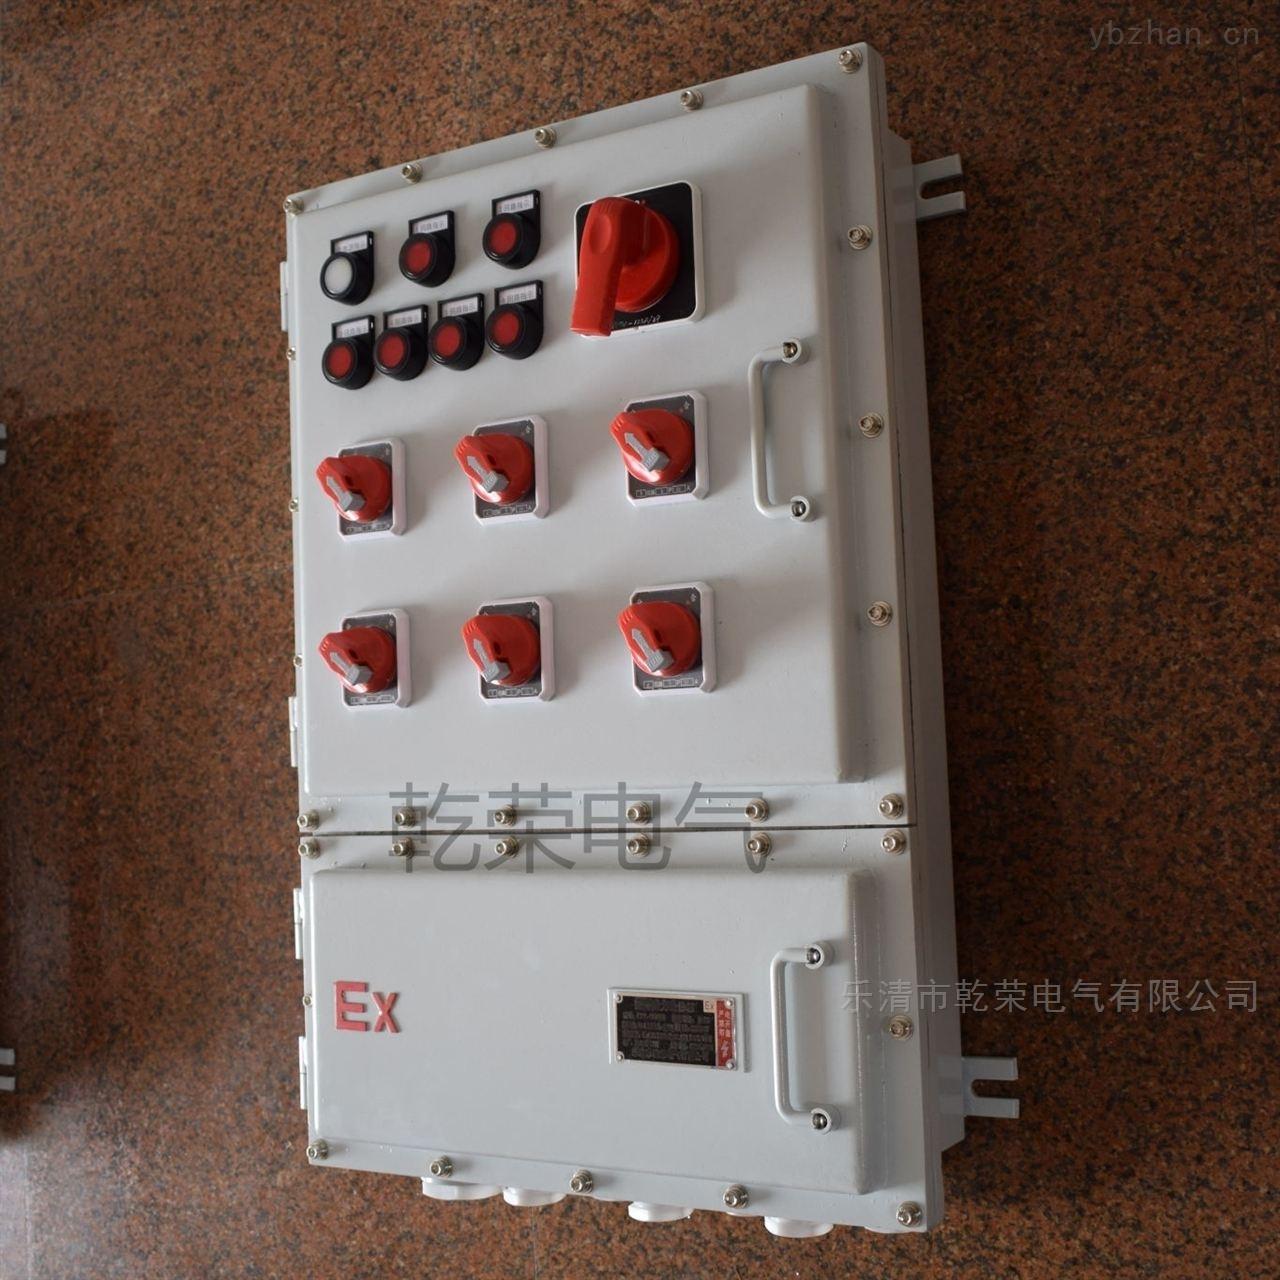 带按键操作防爆温控配电箱